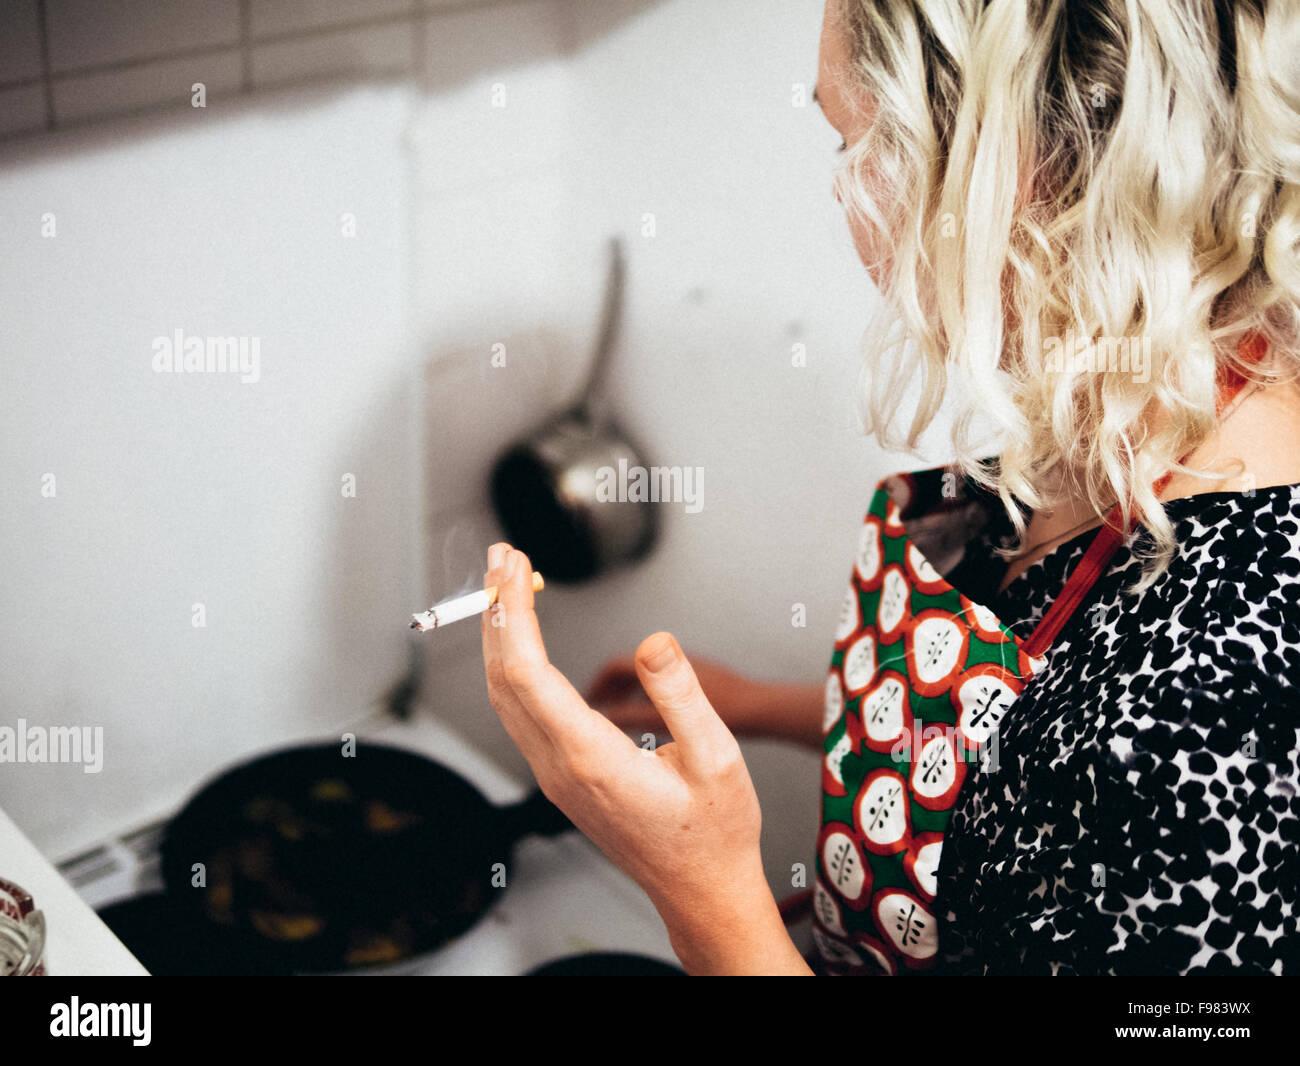 Elevato angolo di visione della donna Sigaretta fumare durante la cottura in cucina Immagini Stock